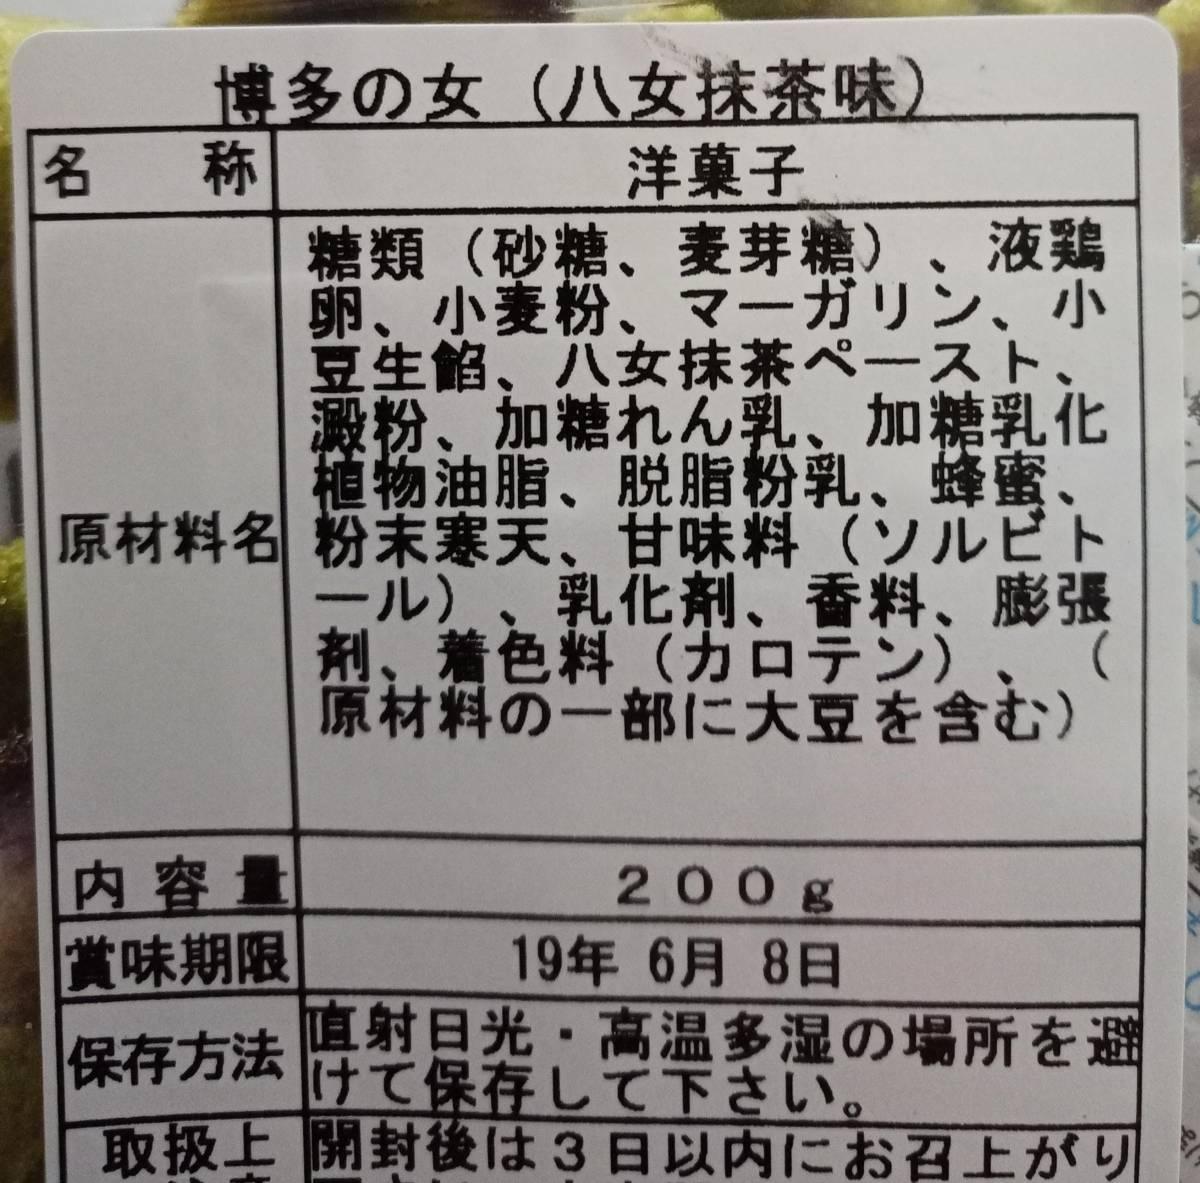 【幻セット】博多の女 切れ端  餡・苺・八女抹茶 セット #1_画像7